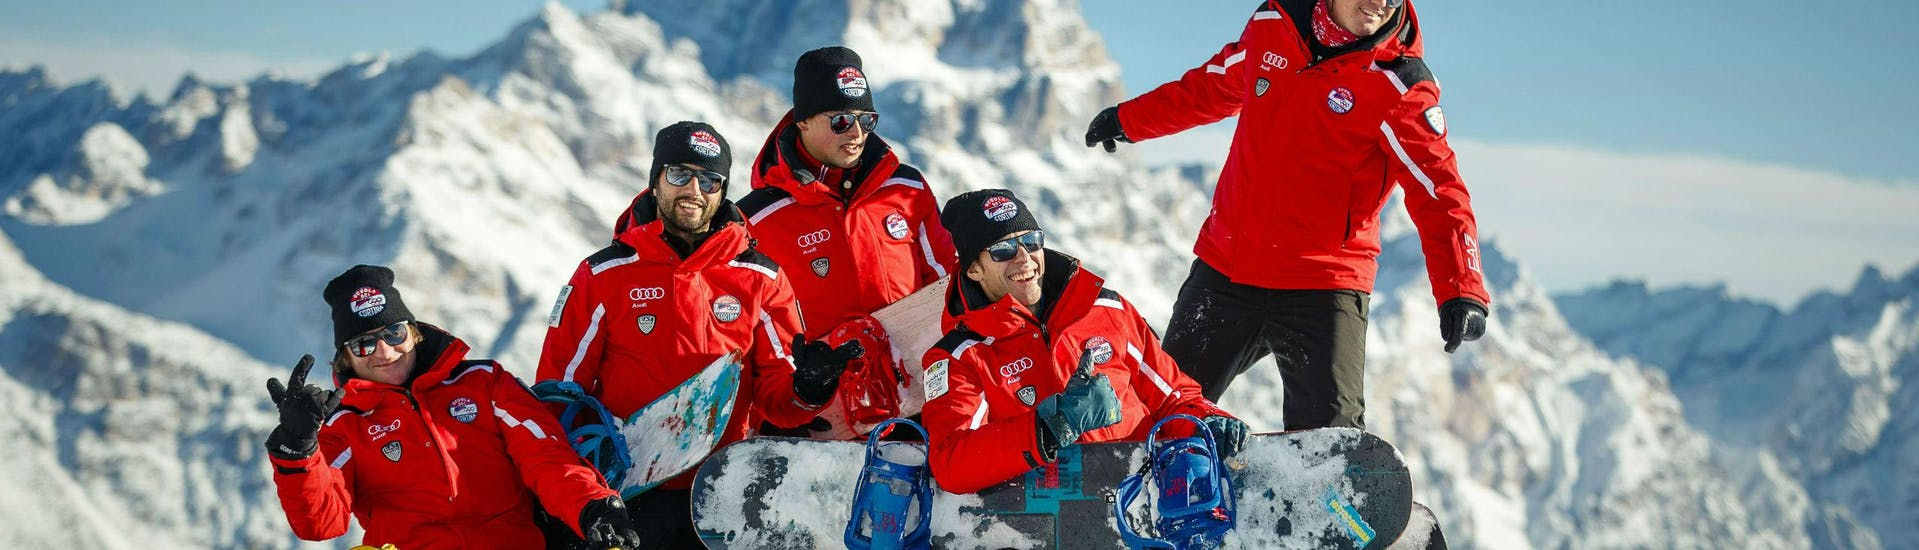 Eine Gruppe Skilehrer der Skisschule Scuola Sci Cortina posiert mit ihren Snowboards auf einem Schneehaufen im Skigebiet Cortina d'Ampezzo, wo sie eine breite Palette an Skikursen anbieten.